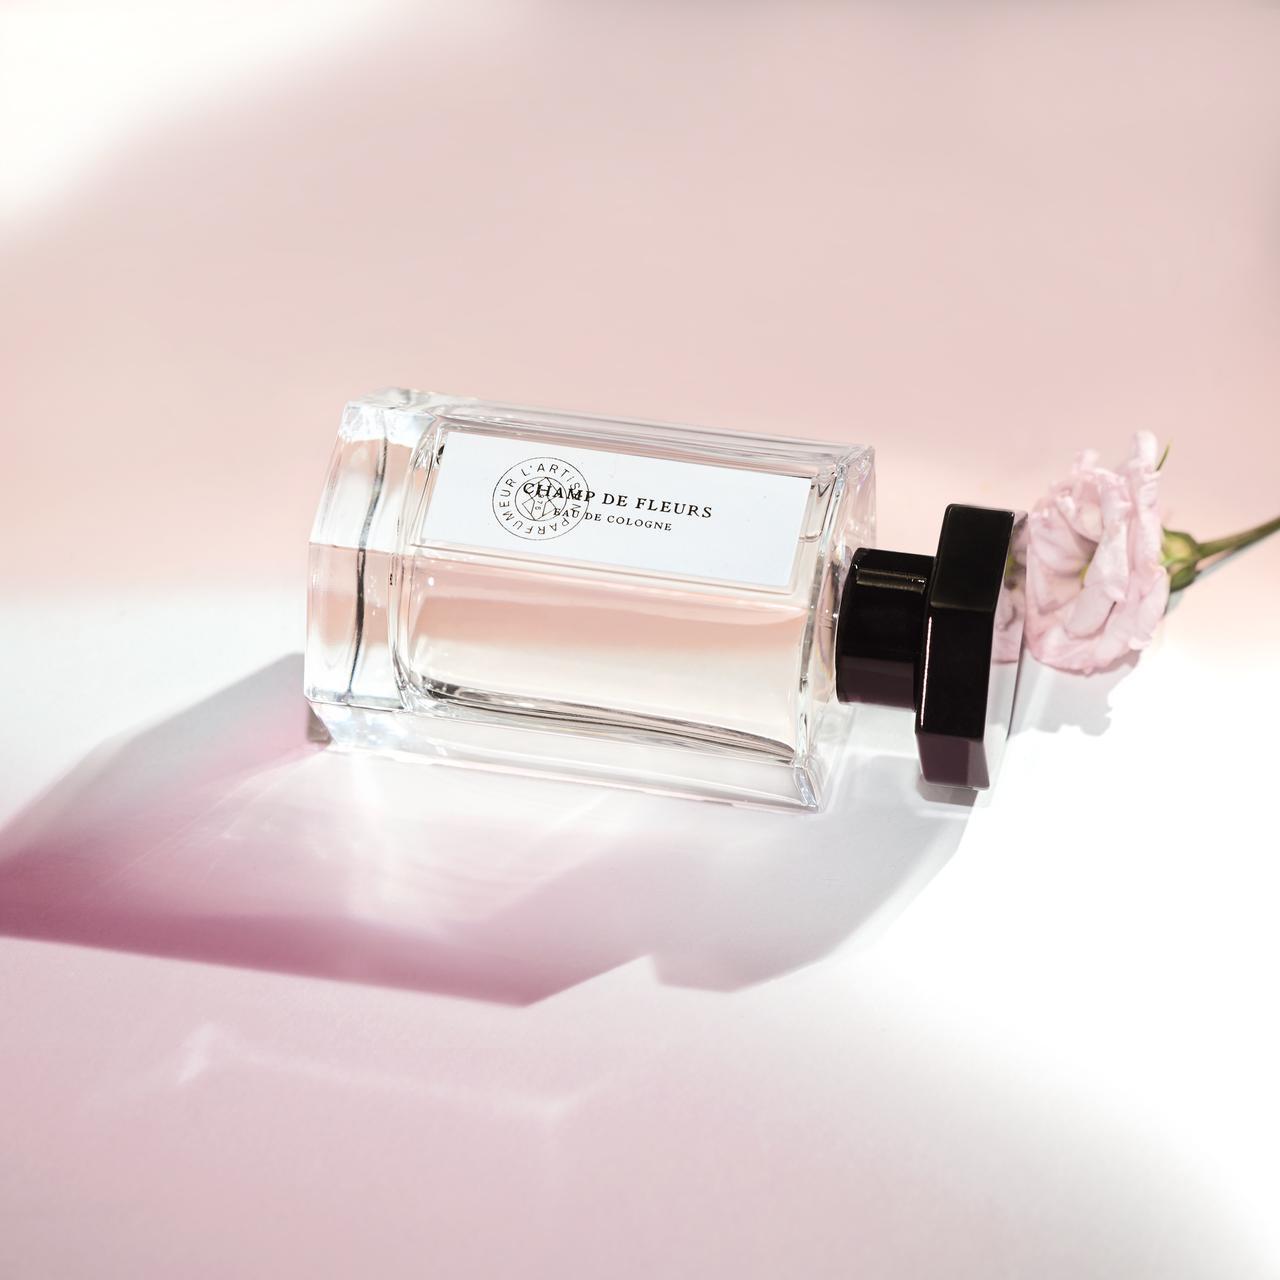 画像2: ラルチザンパフューム、「花畑」「ベリー畑」が香る透明感のあるオーデコロン誕生